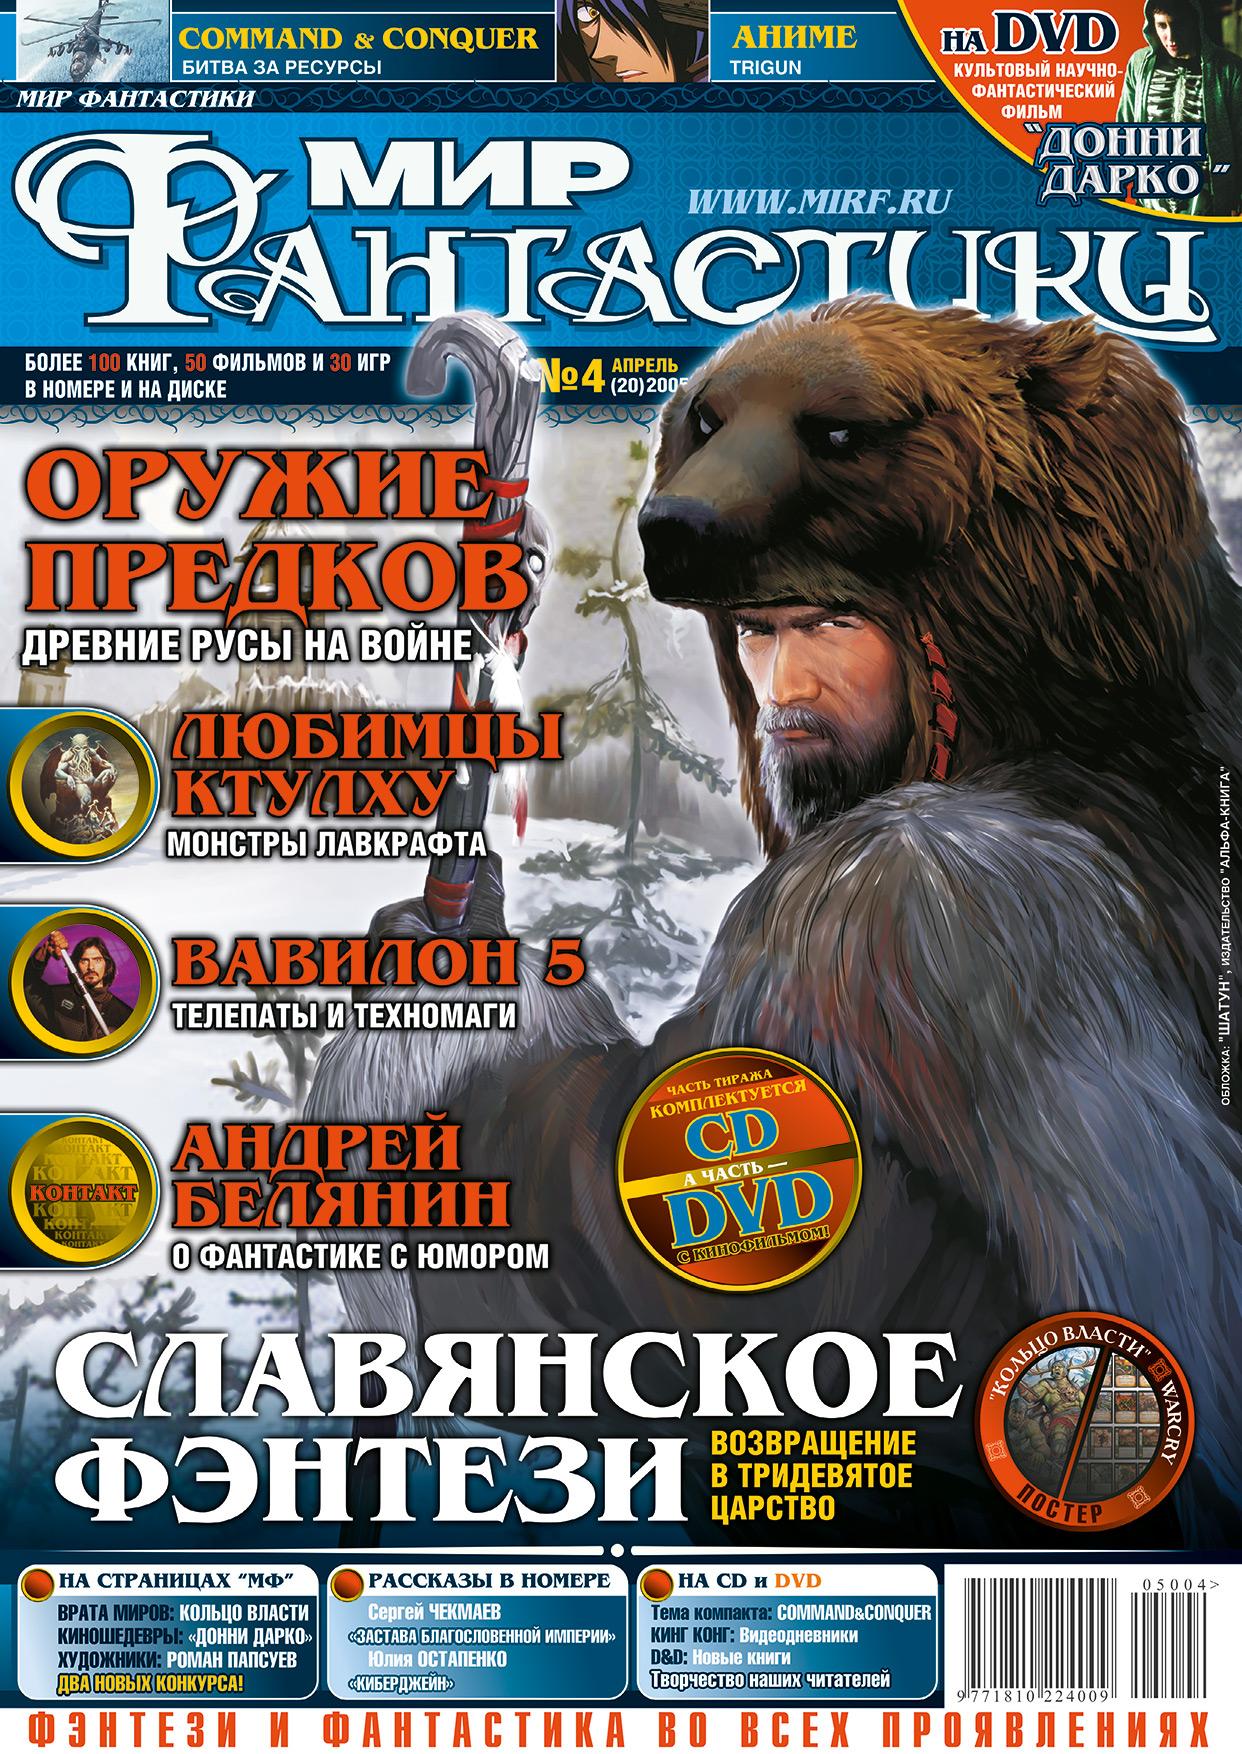 Архив номеров журнала «Мир фантастики» 24